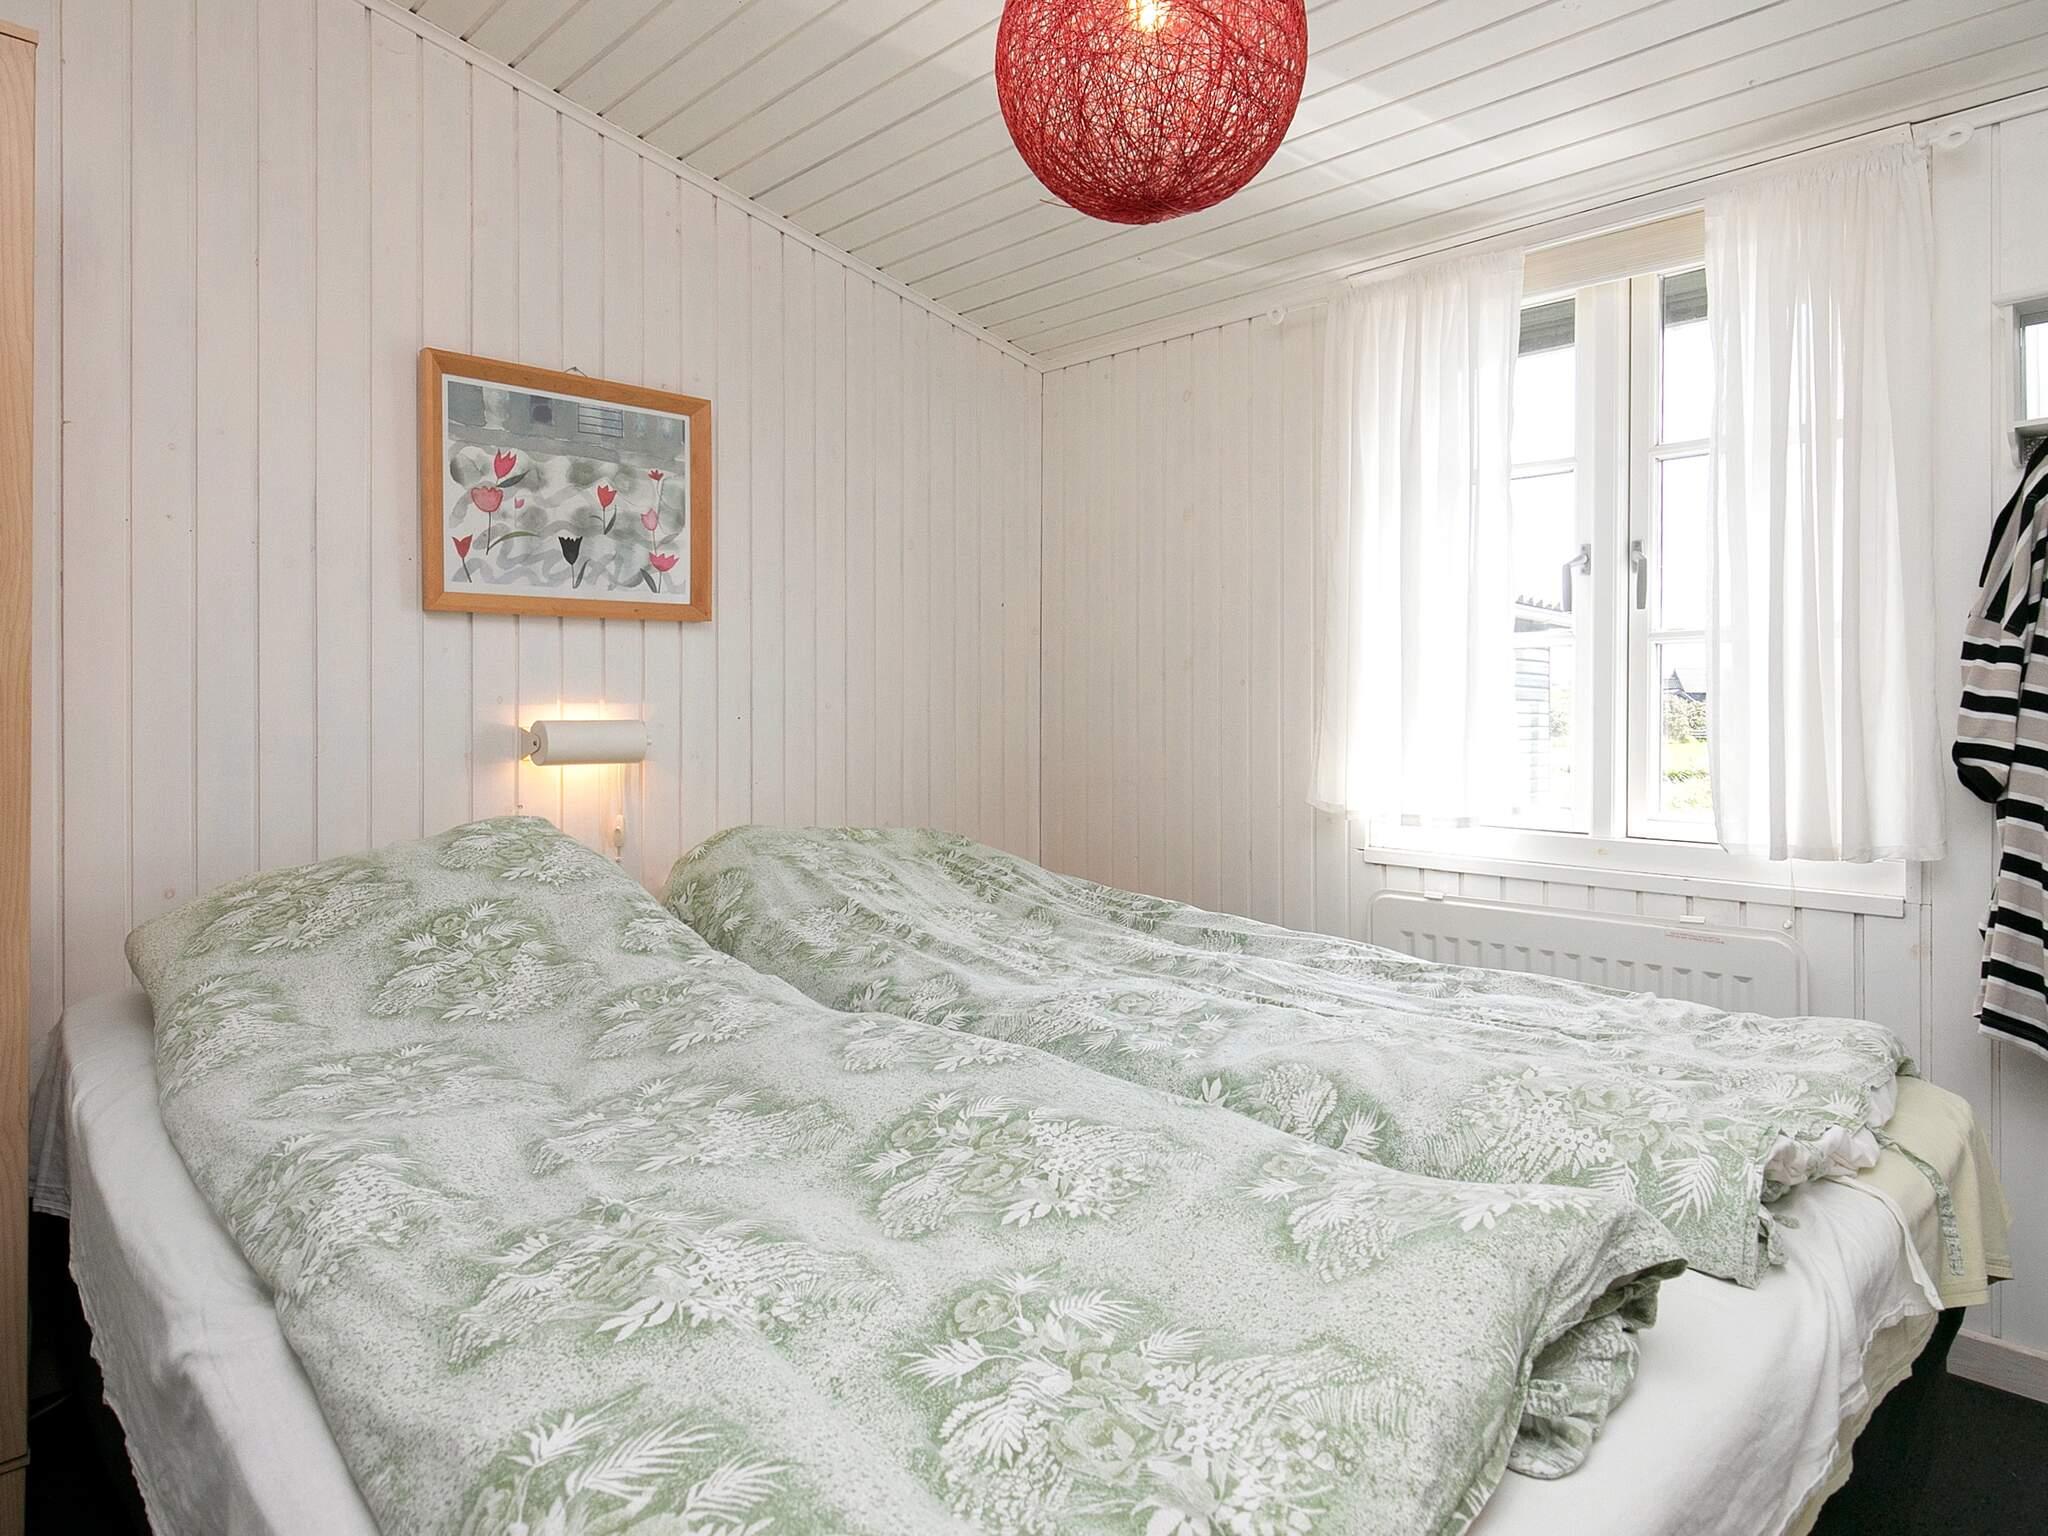 Ferienhaus Handbjerg (1079905), Handbjerg, , Westjütland, Dänemark, Bild 13